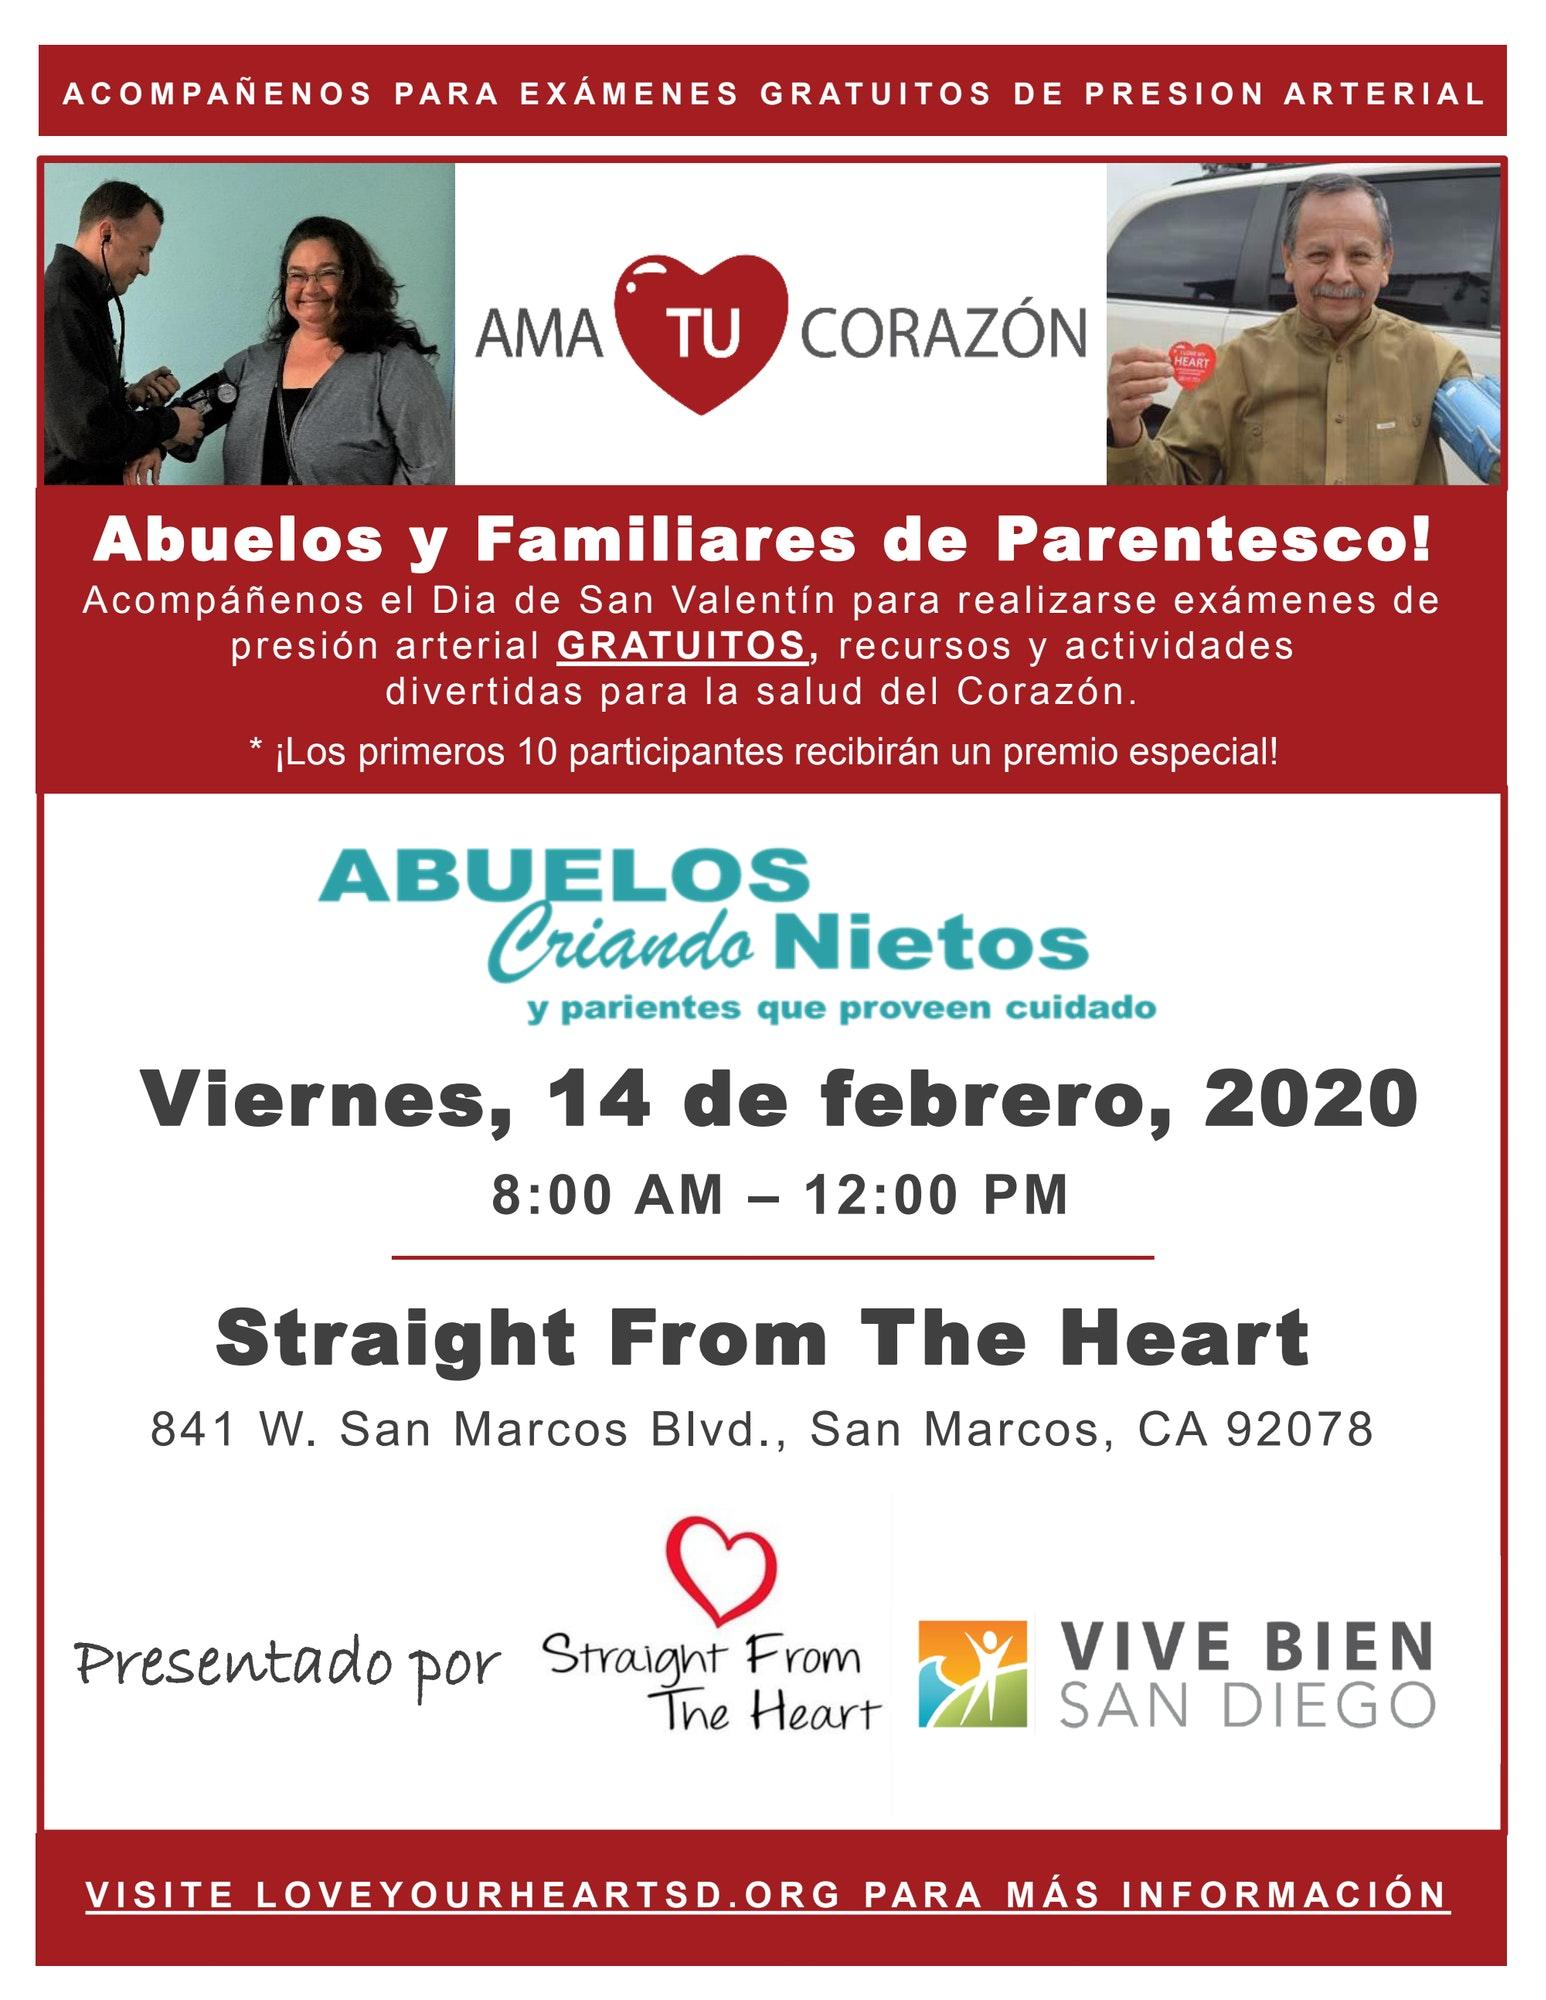 Abuelos Criando Nietos Straight from the Heart evento. Viernes, febrero 14. 8am-12pm Los primeros 10 participantes recibiran un premio especial.